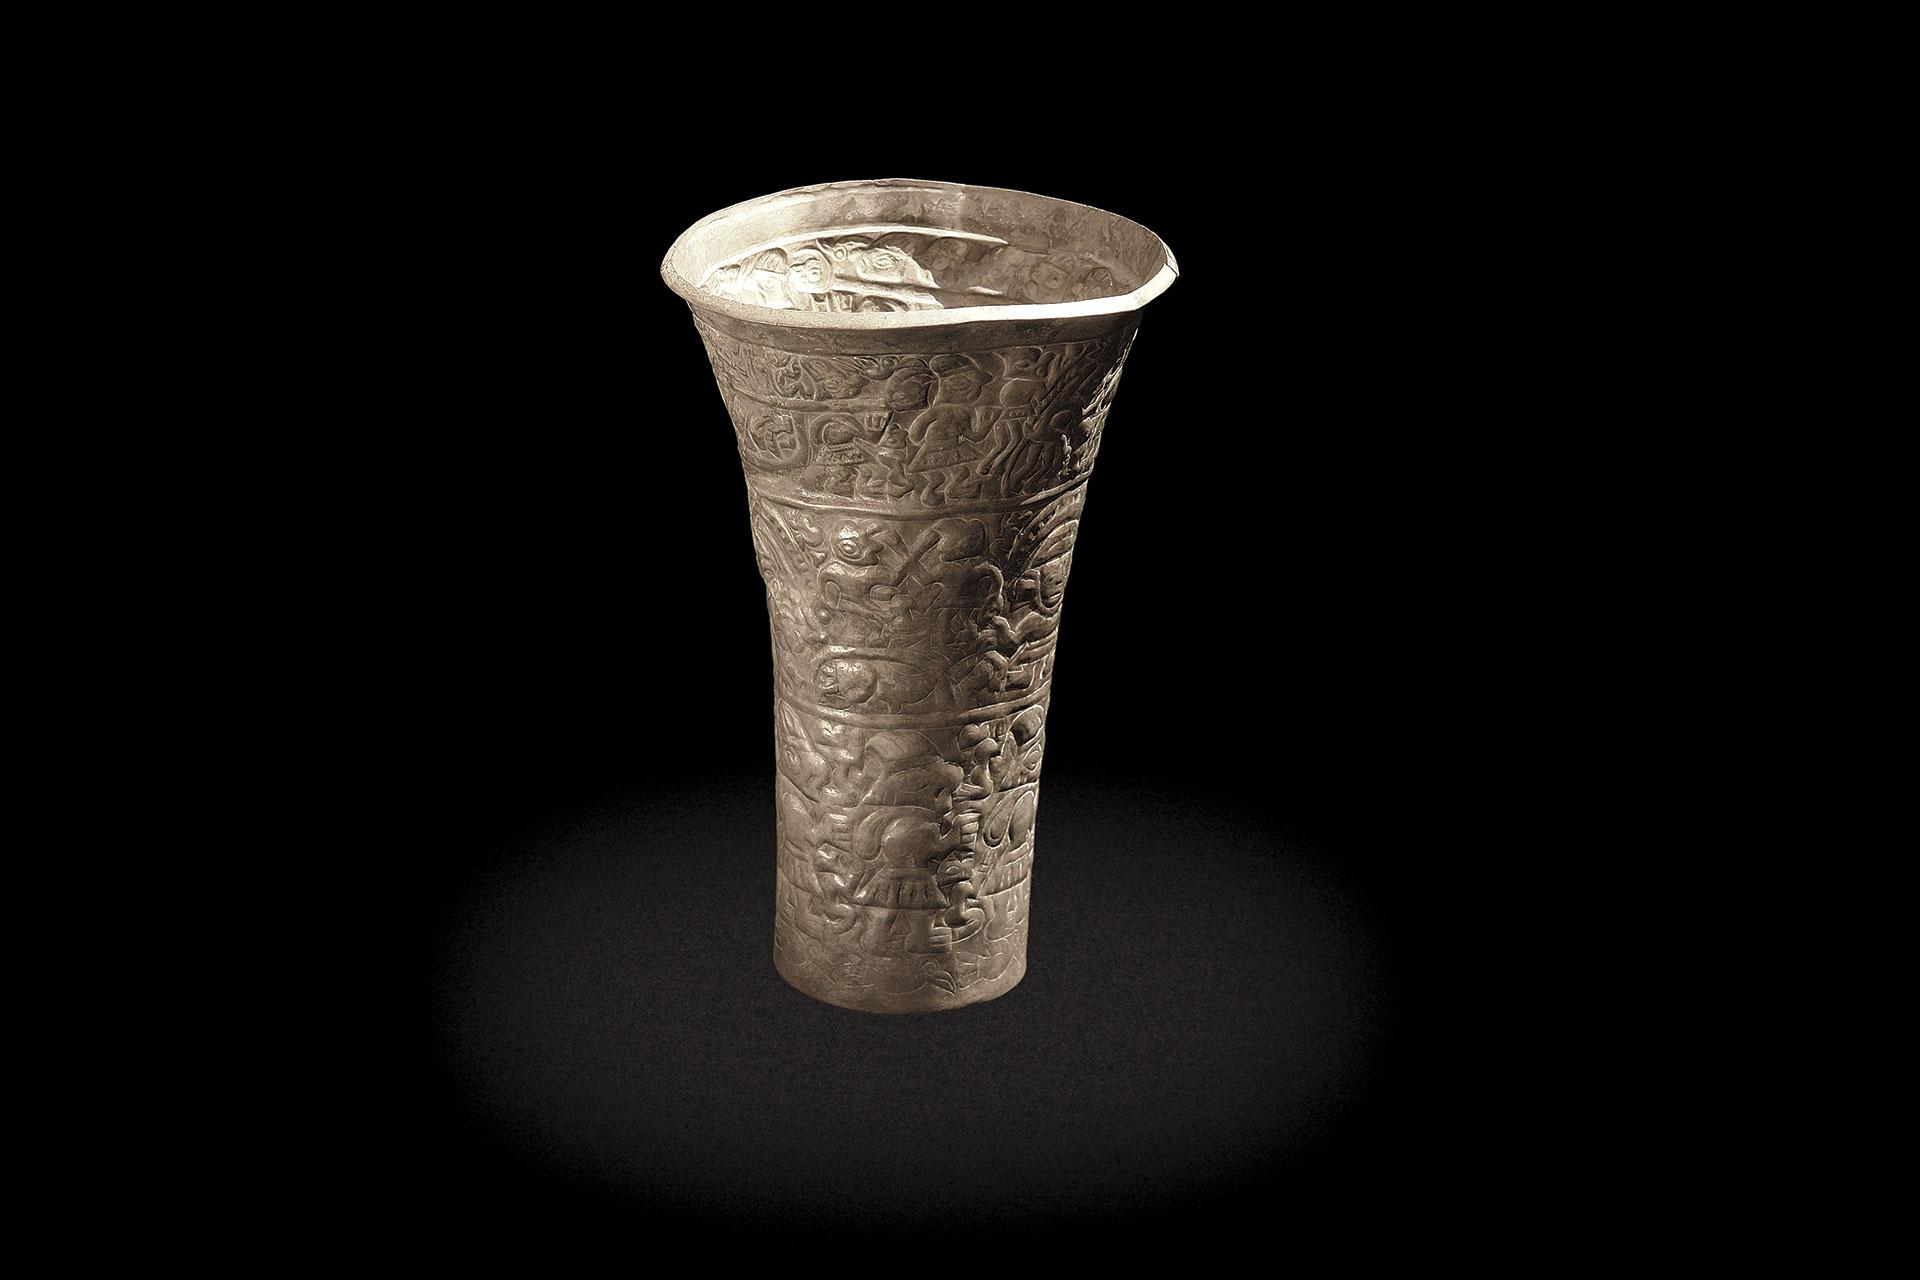 Vaso de plata con escenas de entierros repujadas. Cultura Chimú.